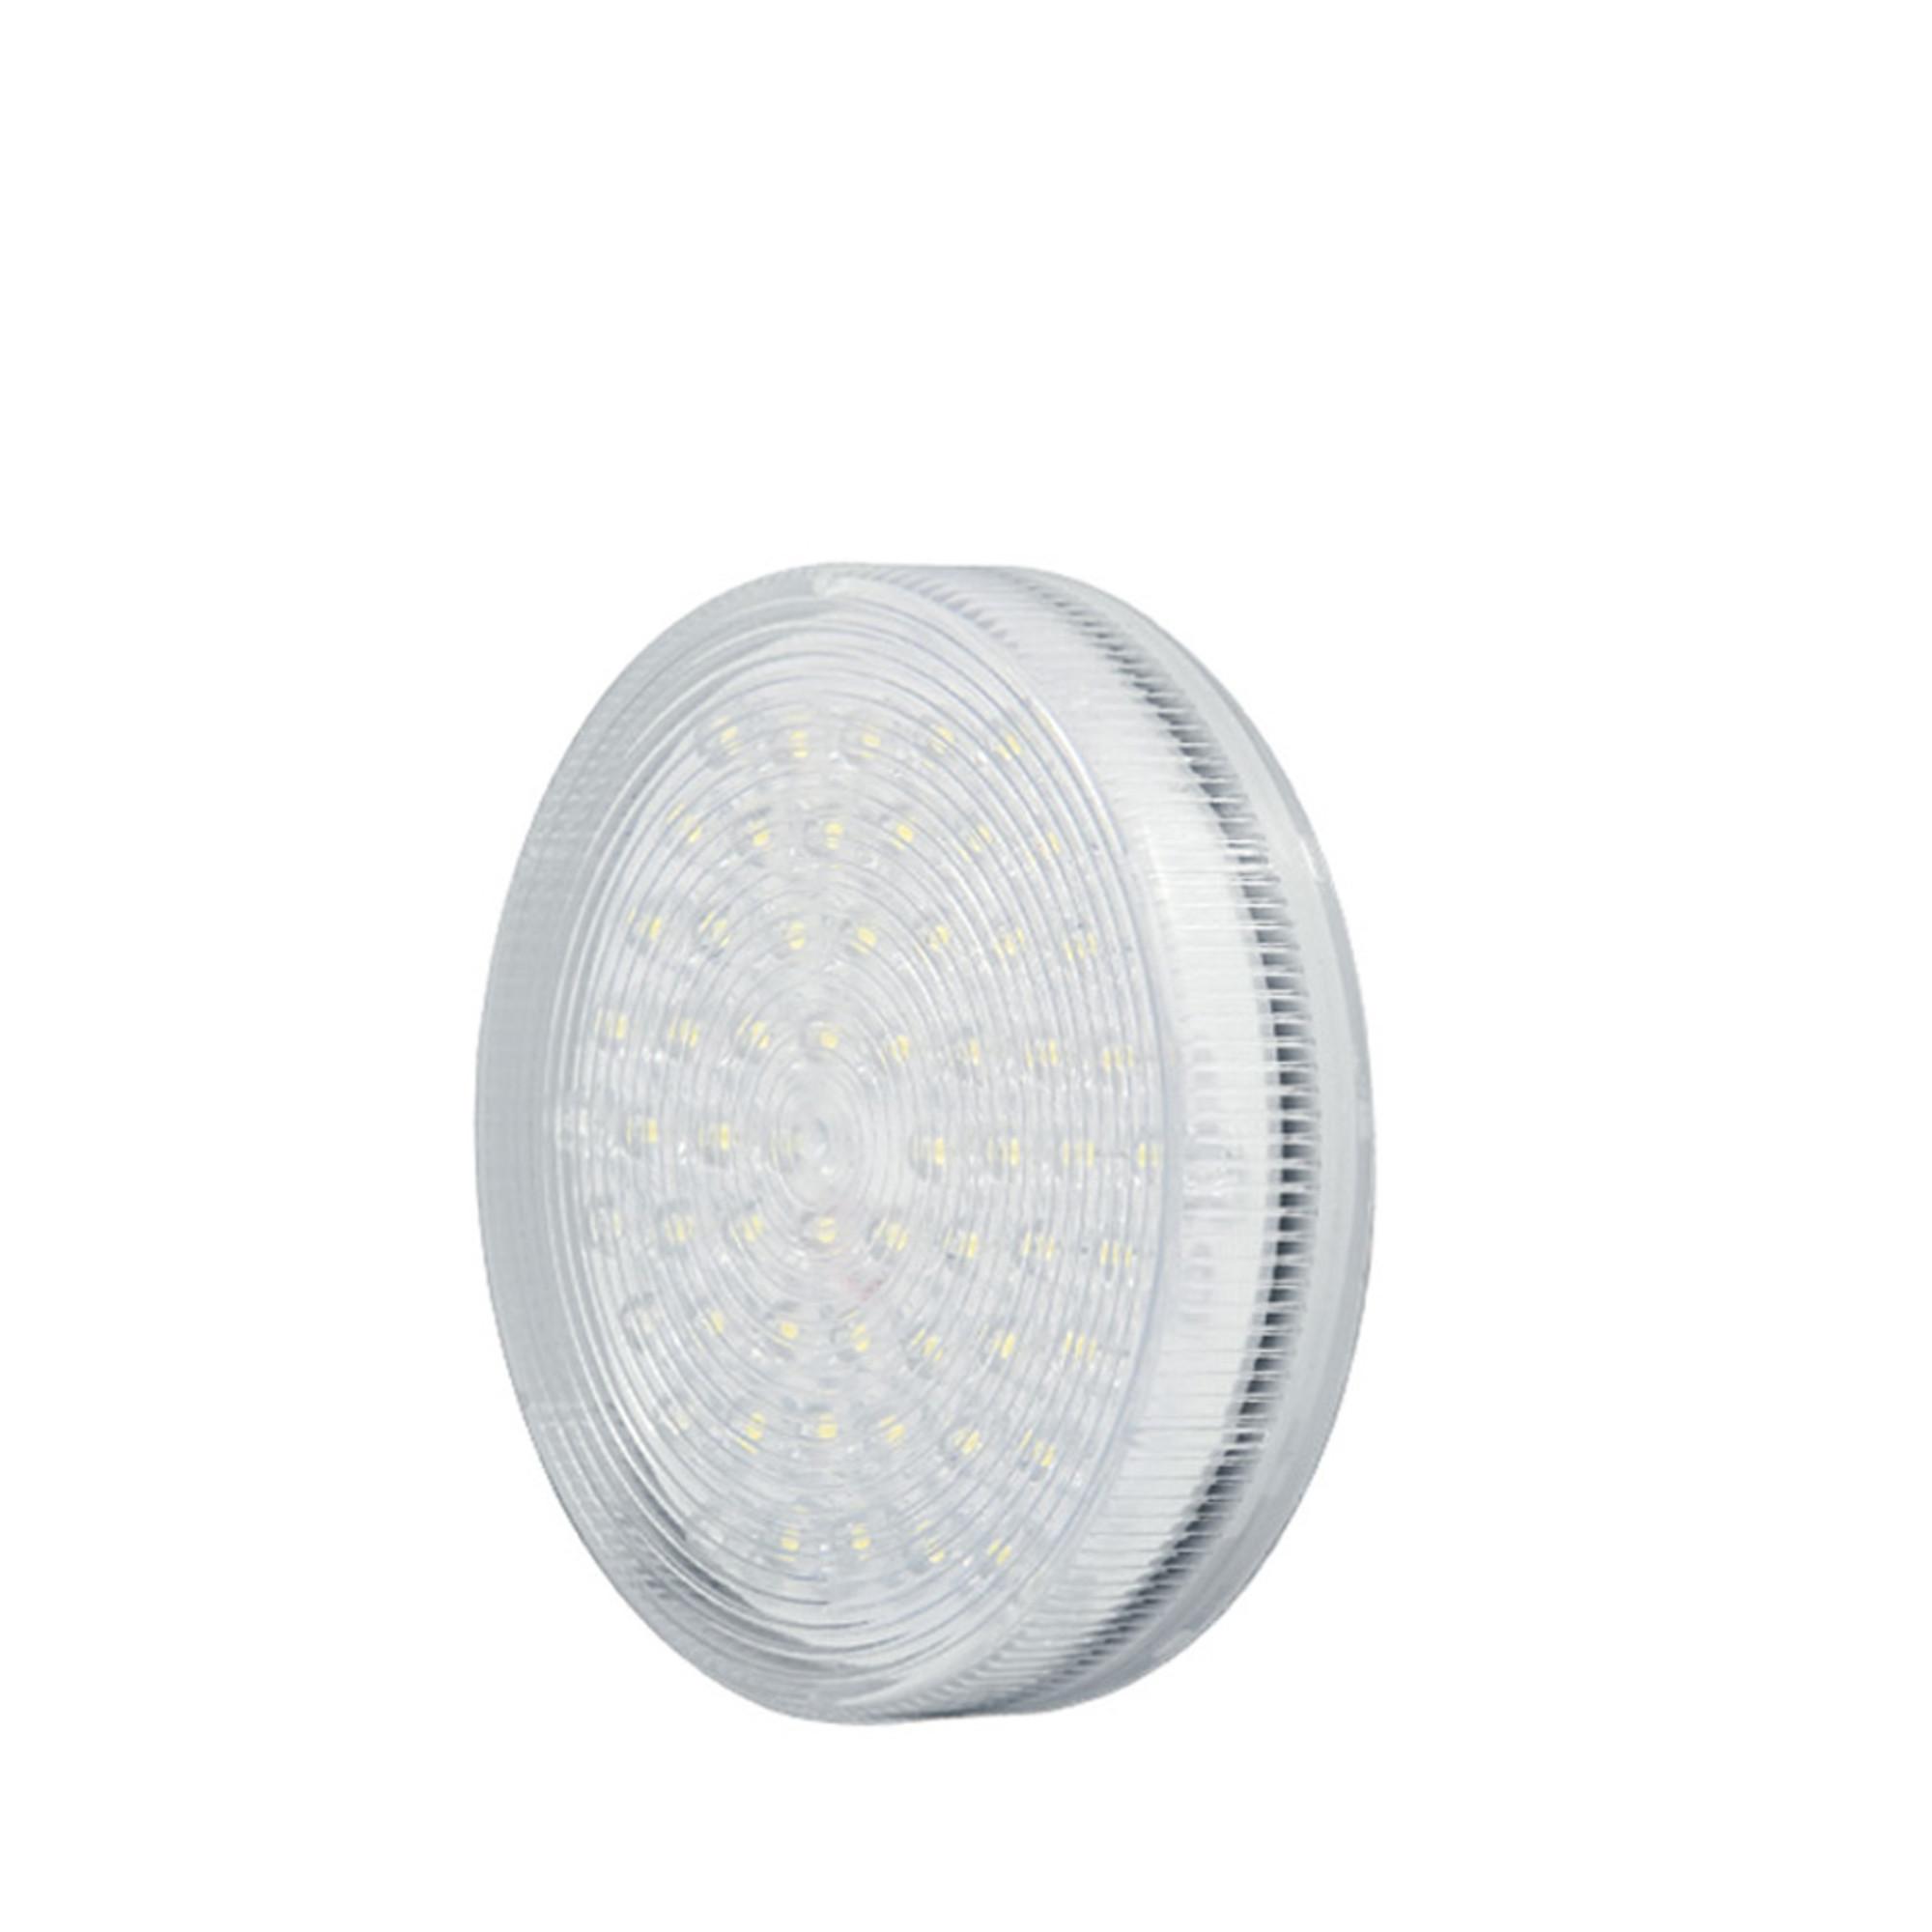 Лампа светодиодная Paulmann 28050 GX53 130 Лм нейтральный